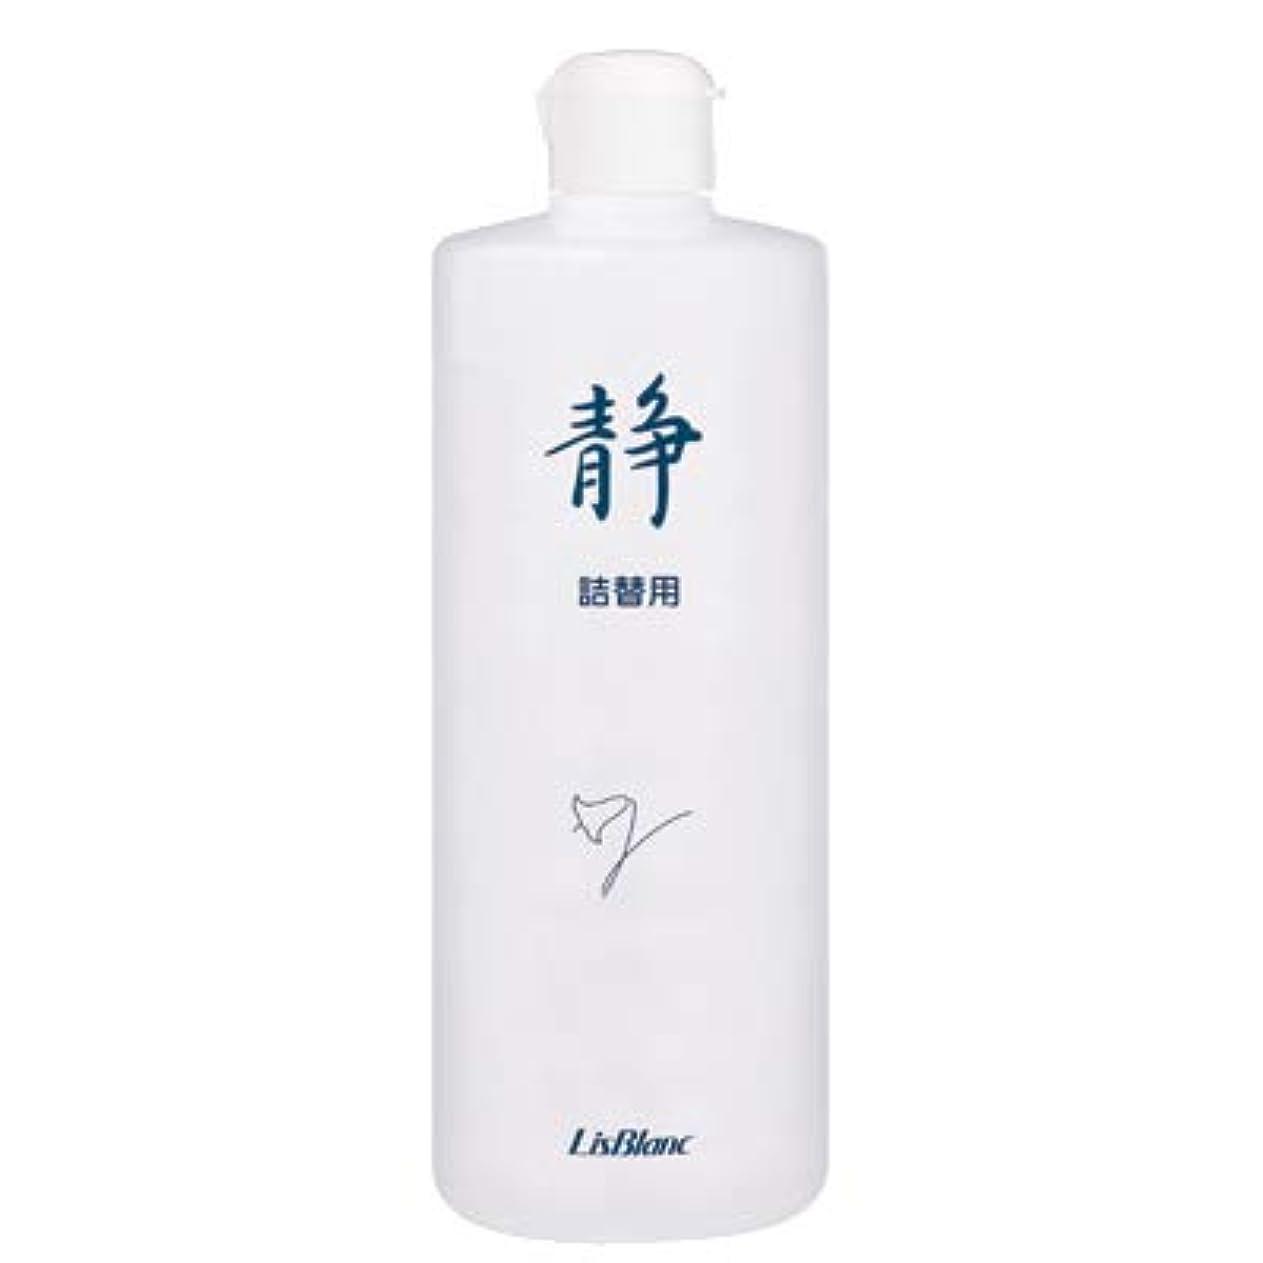 生まれレバー賞リスブラン しずかスプレー 徳用 500mL フェイス&ボディ用化粧水